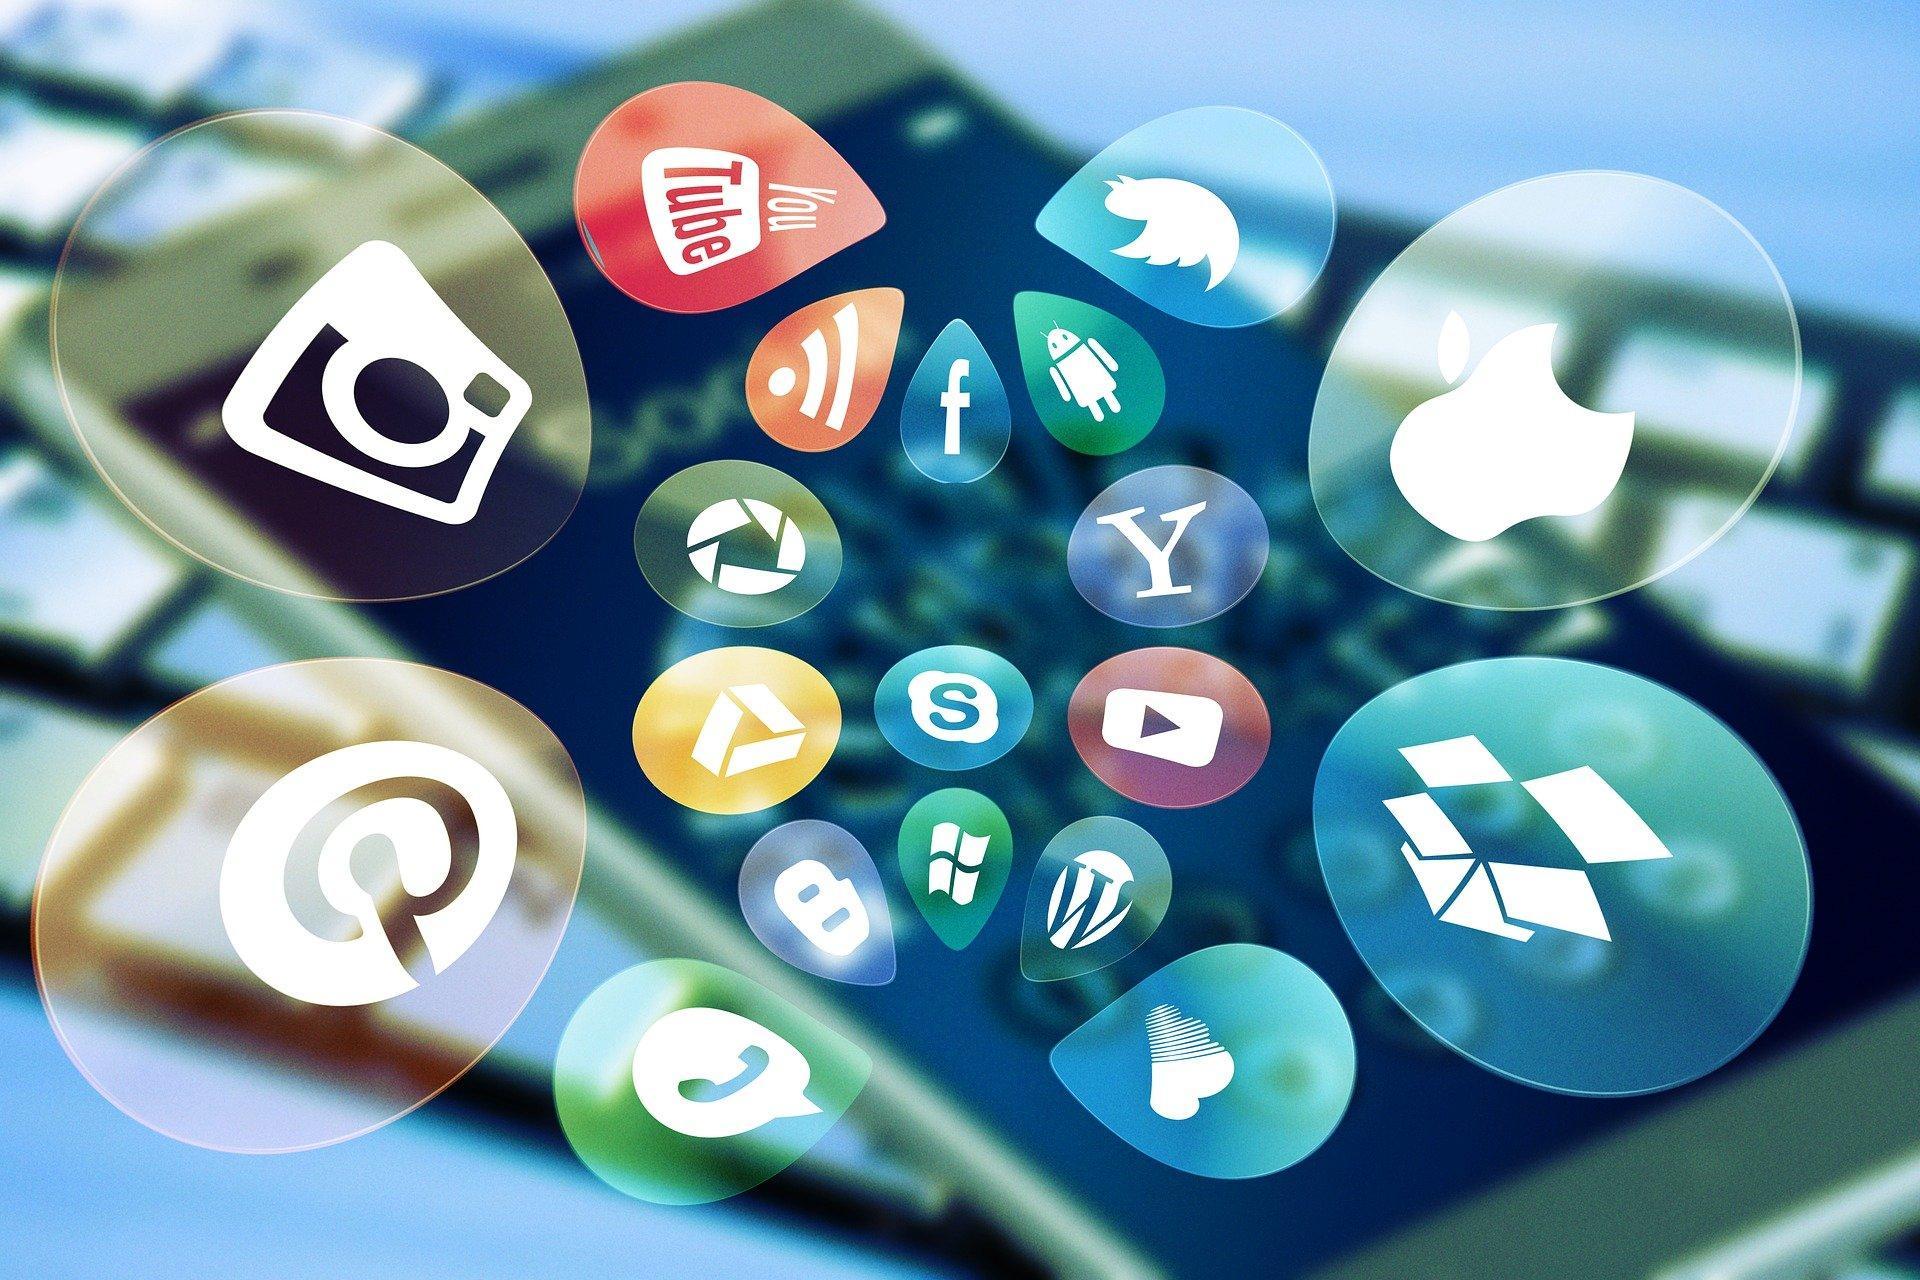 Métricas de redes sociais: como analisar para melhorar a estratégia